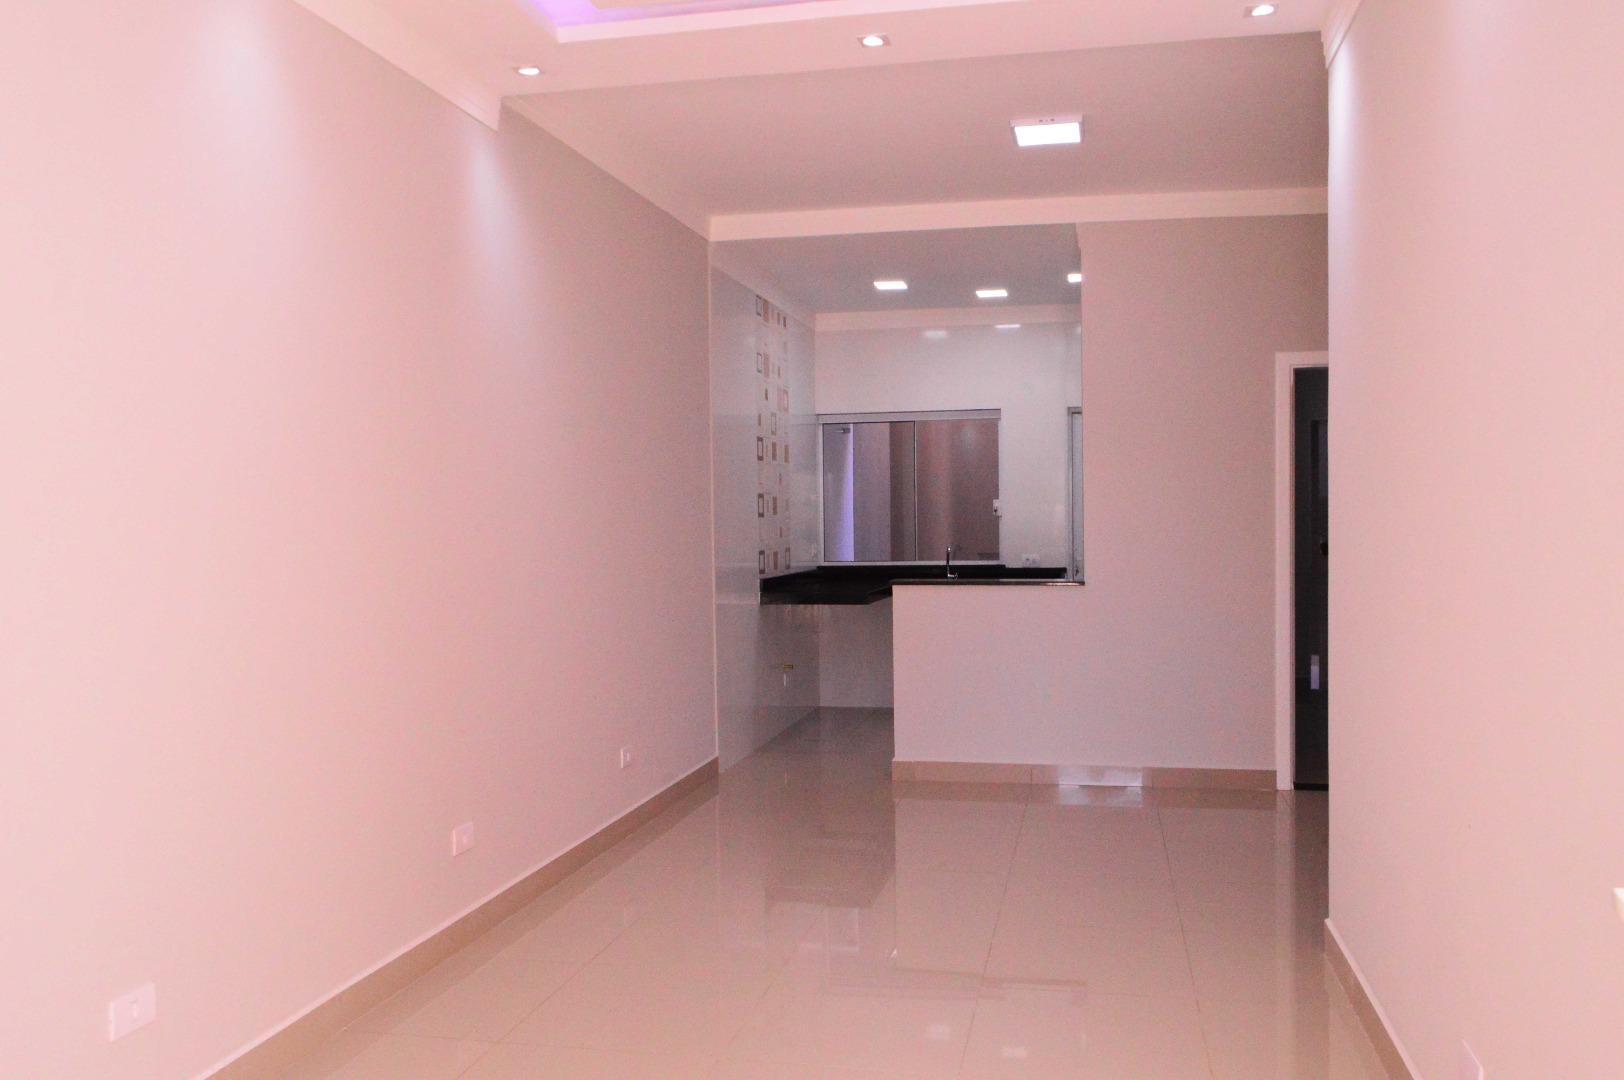 Apartamento com 2 dormitórios à venda, 75 m² por R$ 277.000 - Parque Nova Carioba - Americana/SP